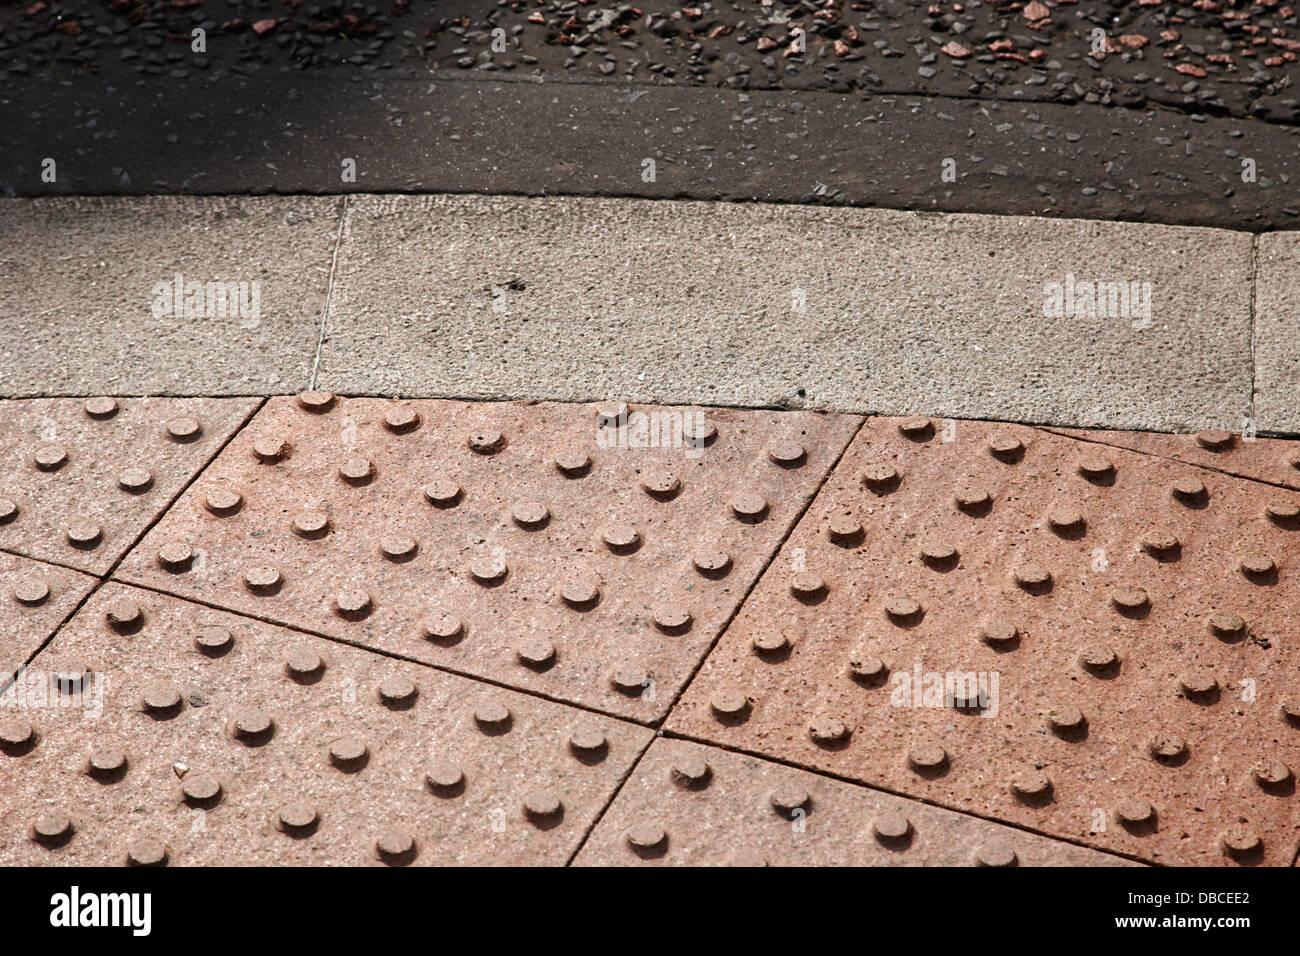 Cupola tronco piastrelle pavimentazione tattile regno unito foto